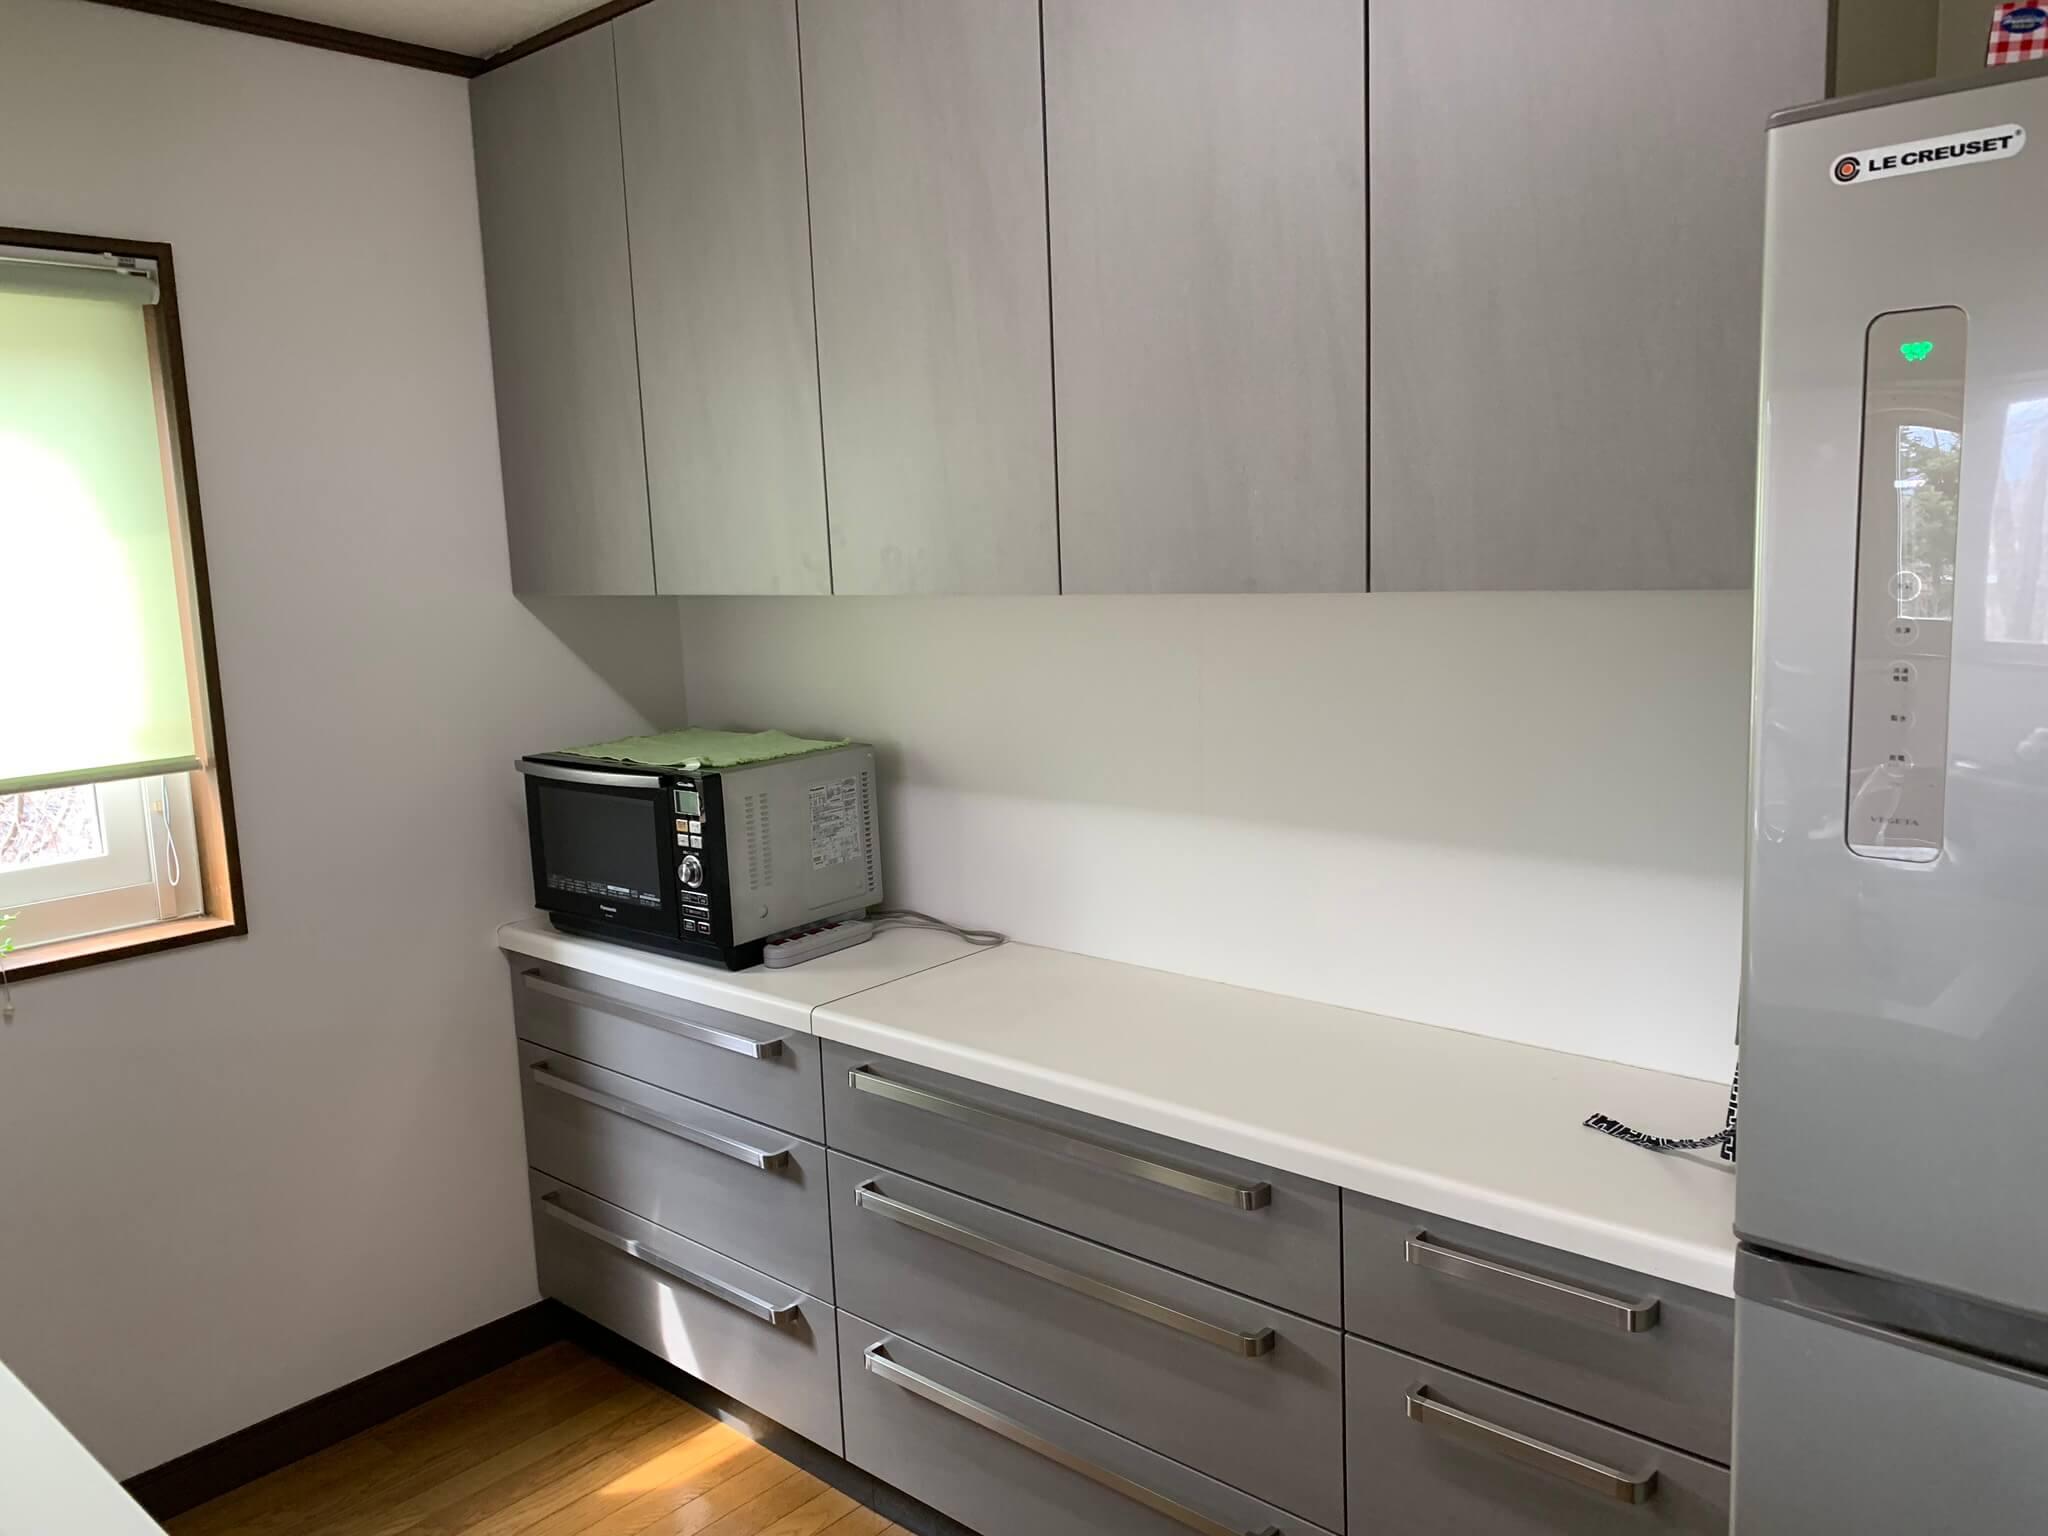 軽井沢町・A様邸オーダーキッチン